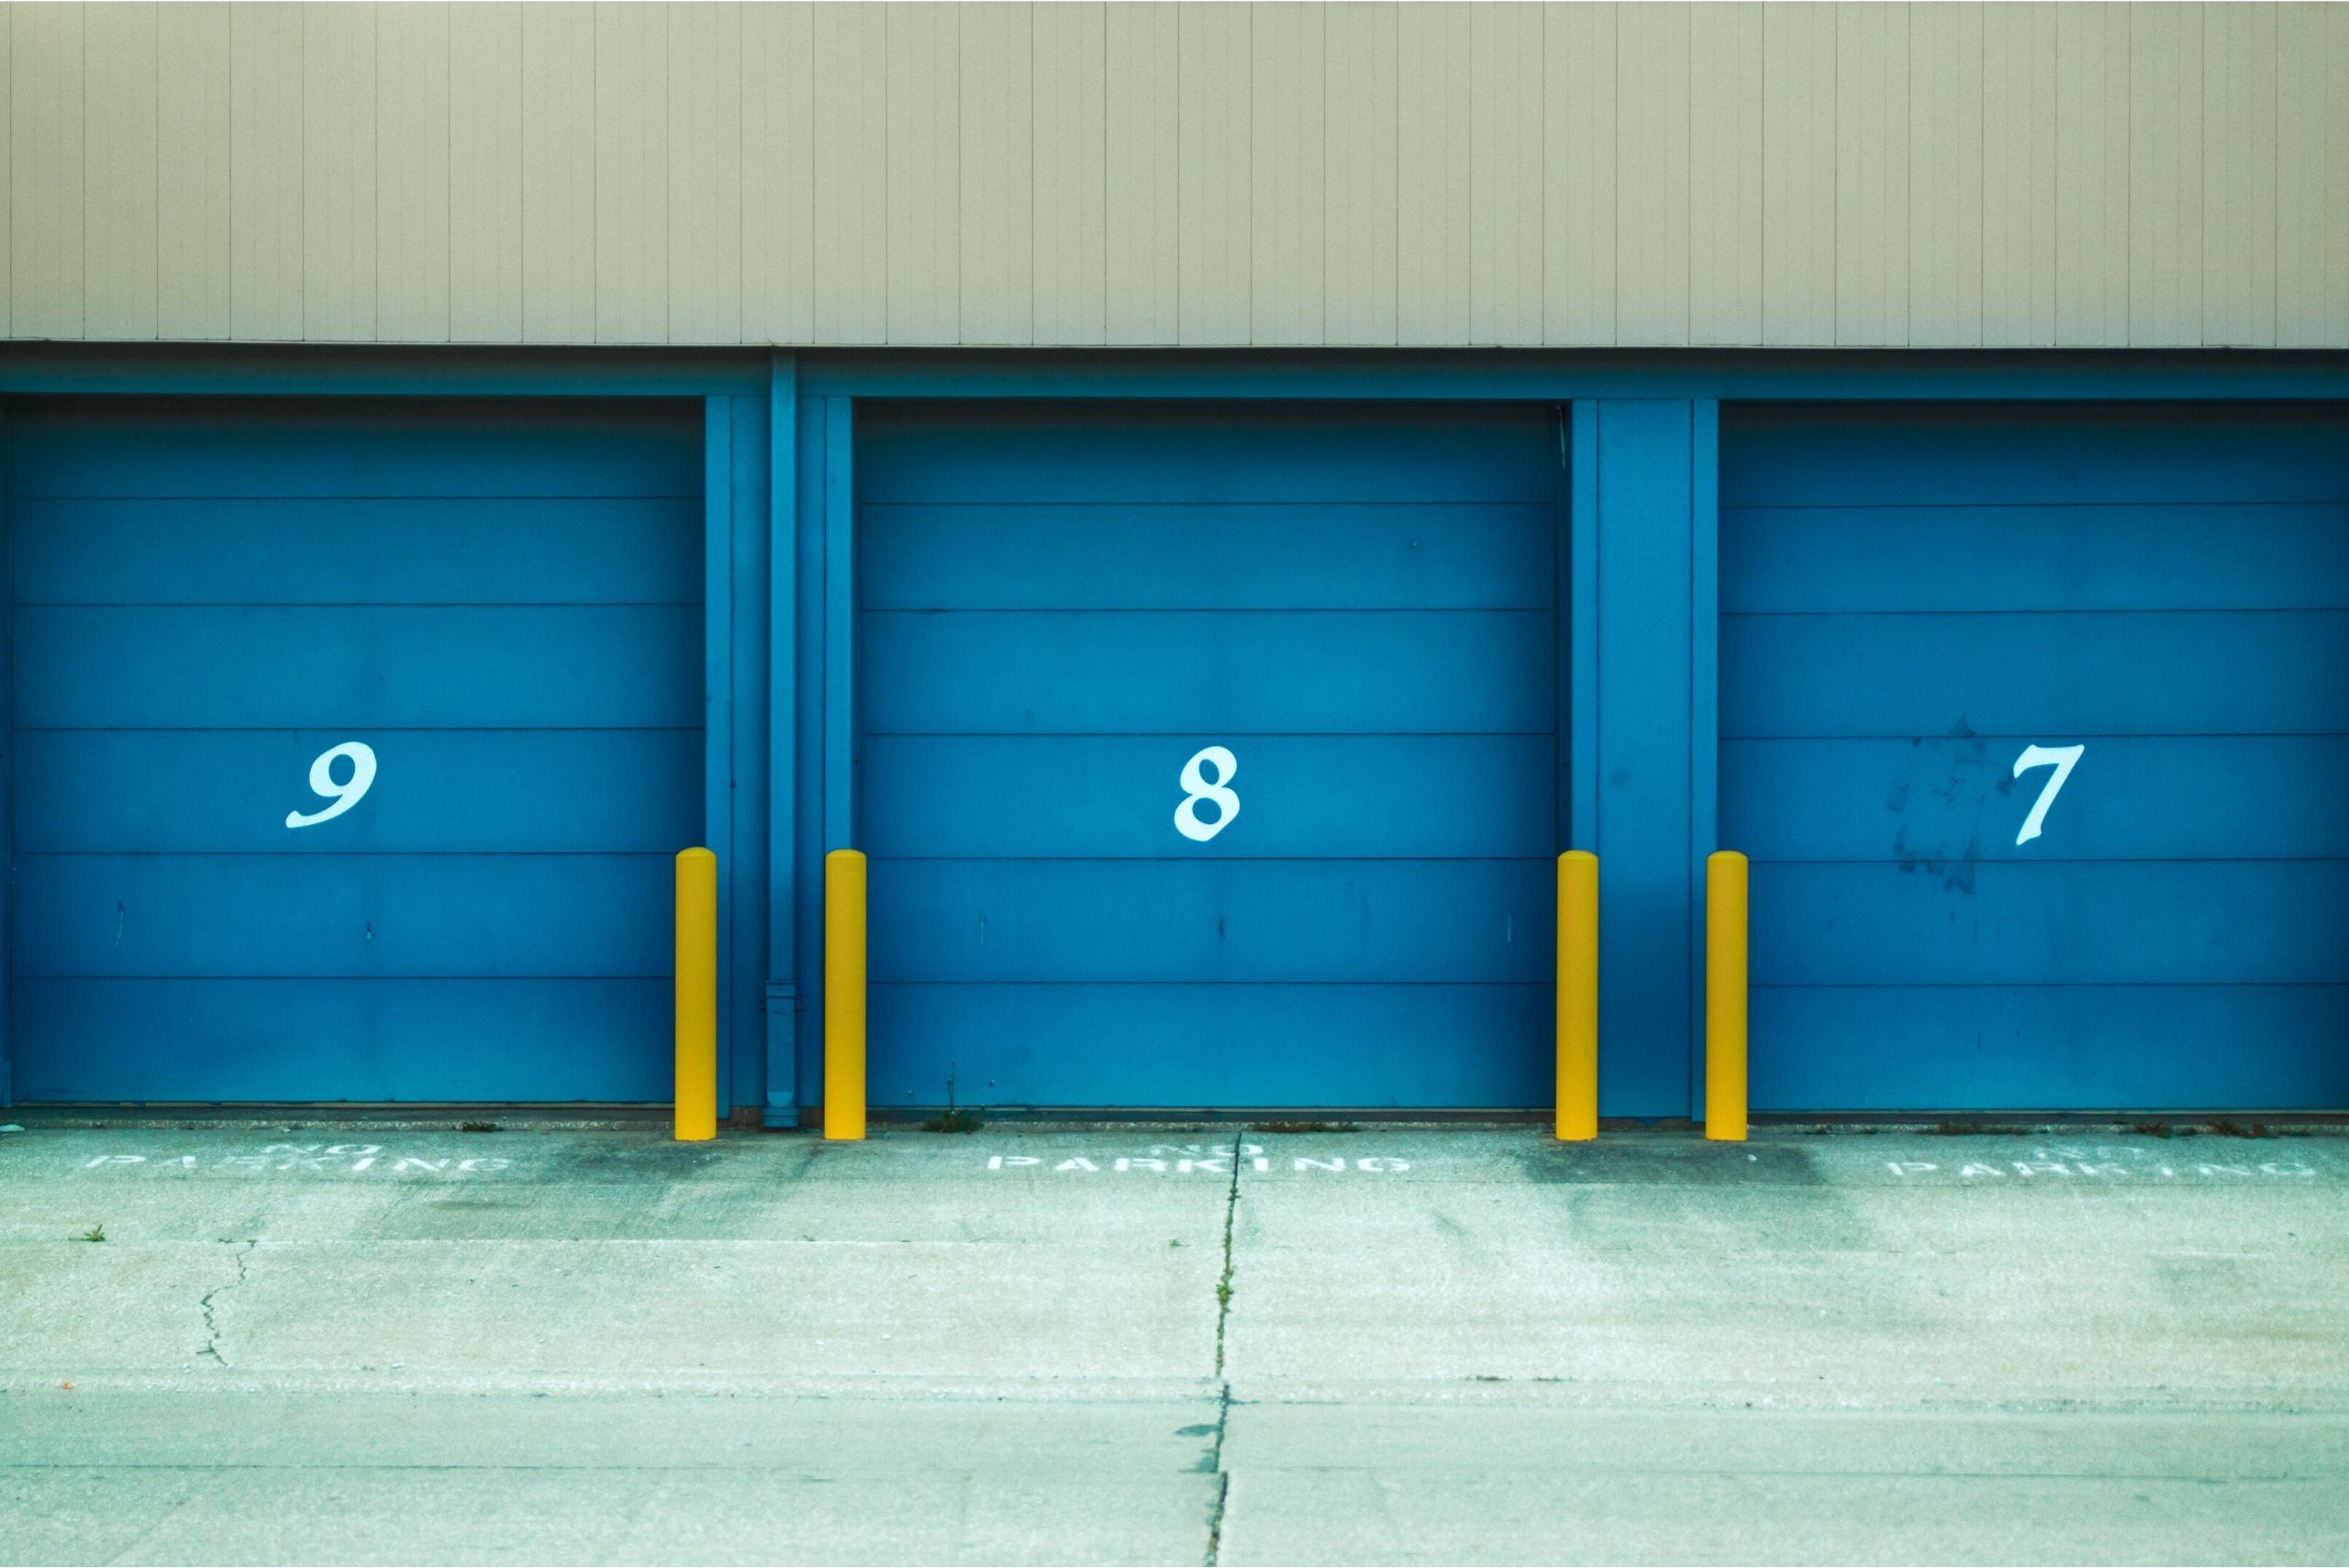 Quels types d'espace choisir pour stocker ses marchandises quand on est un professionnel ?